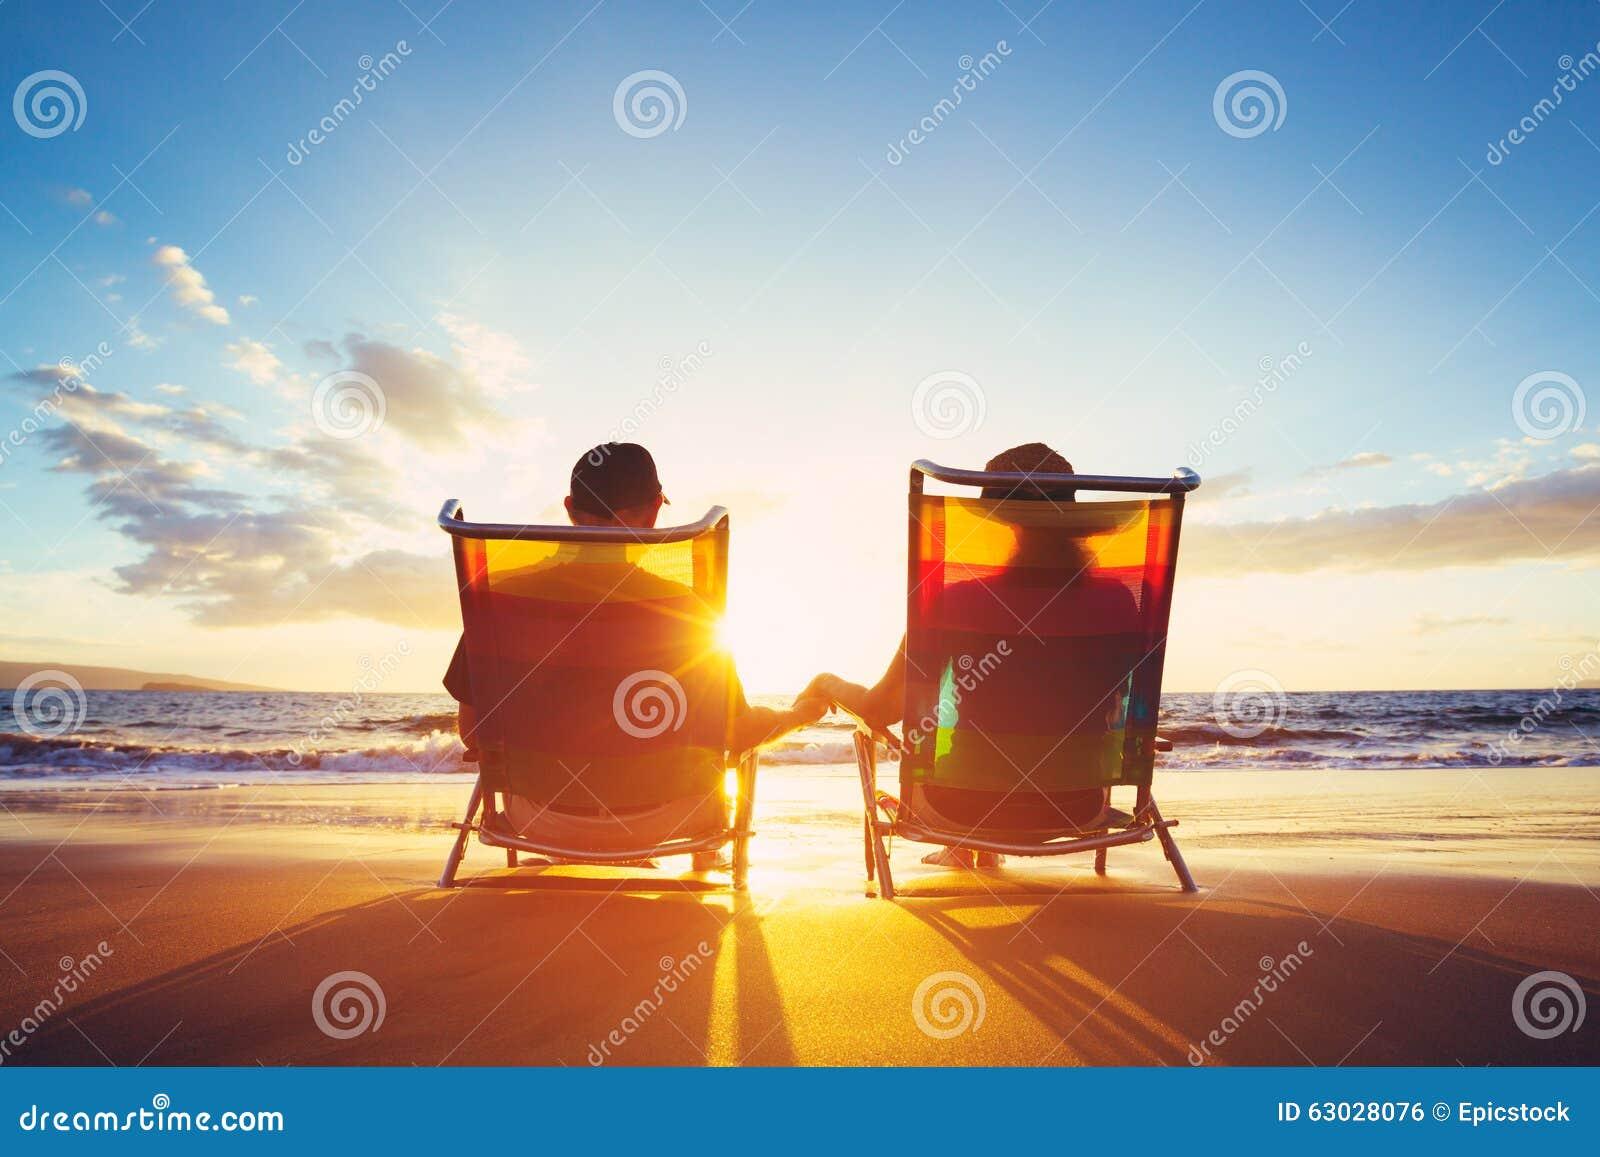 退休假期概念,观看日落的成熟小轿车